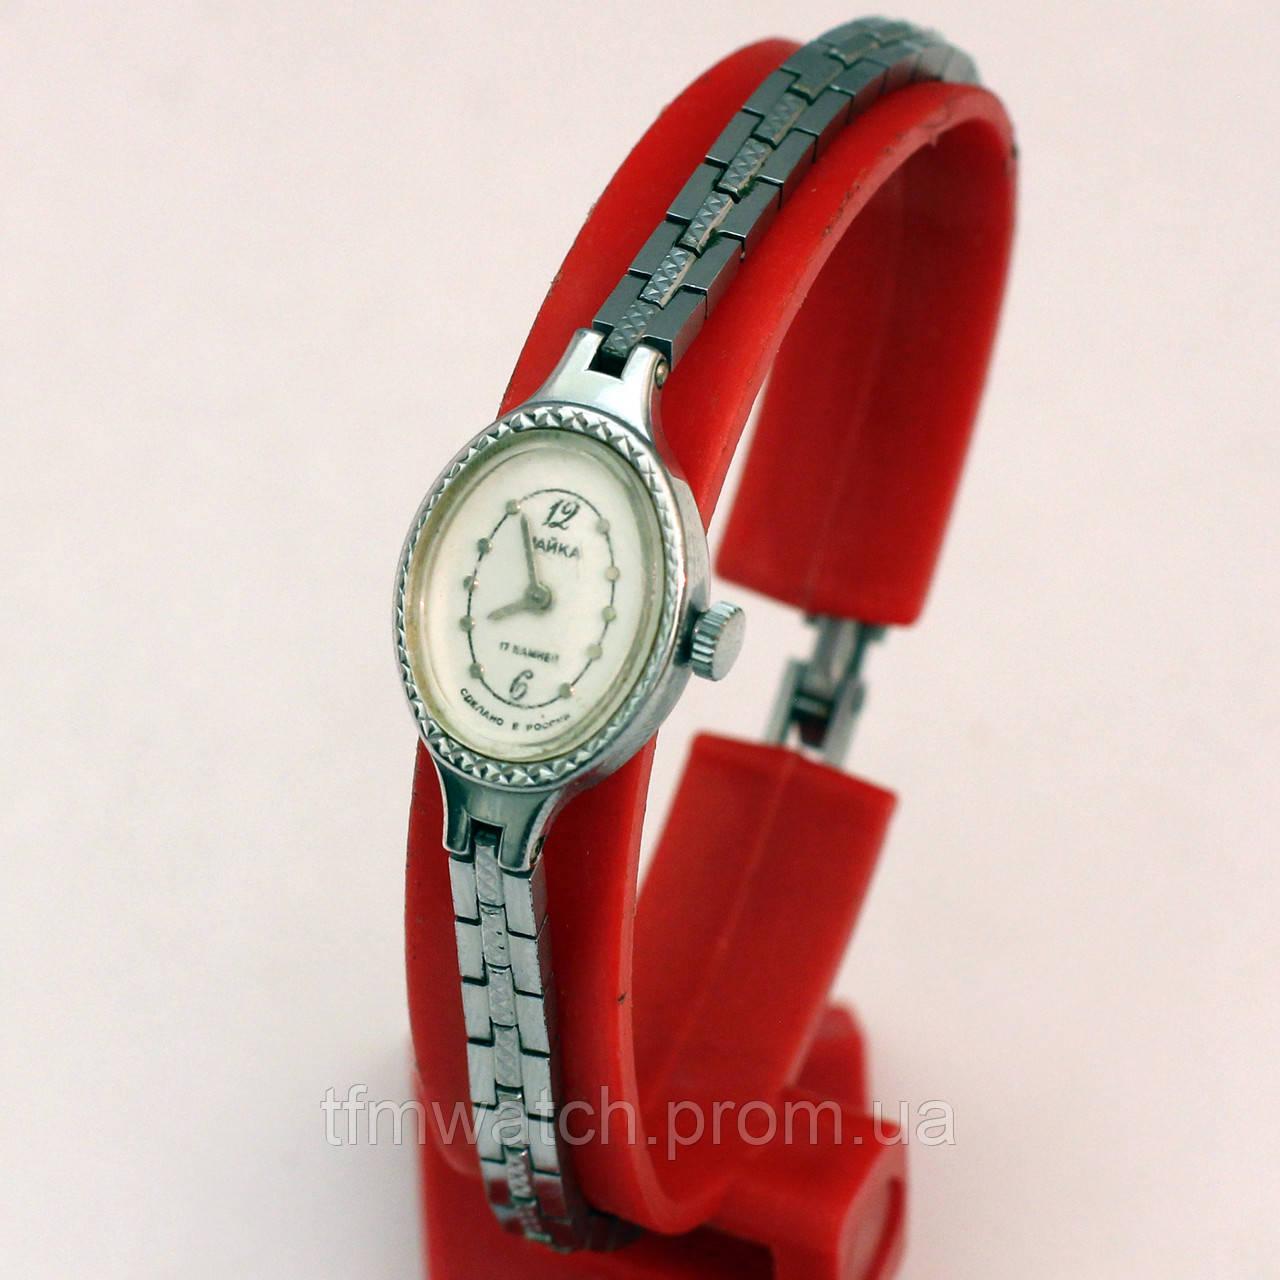 Чайка женские часы производства РФ